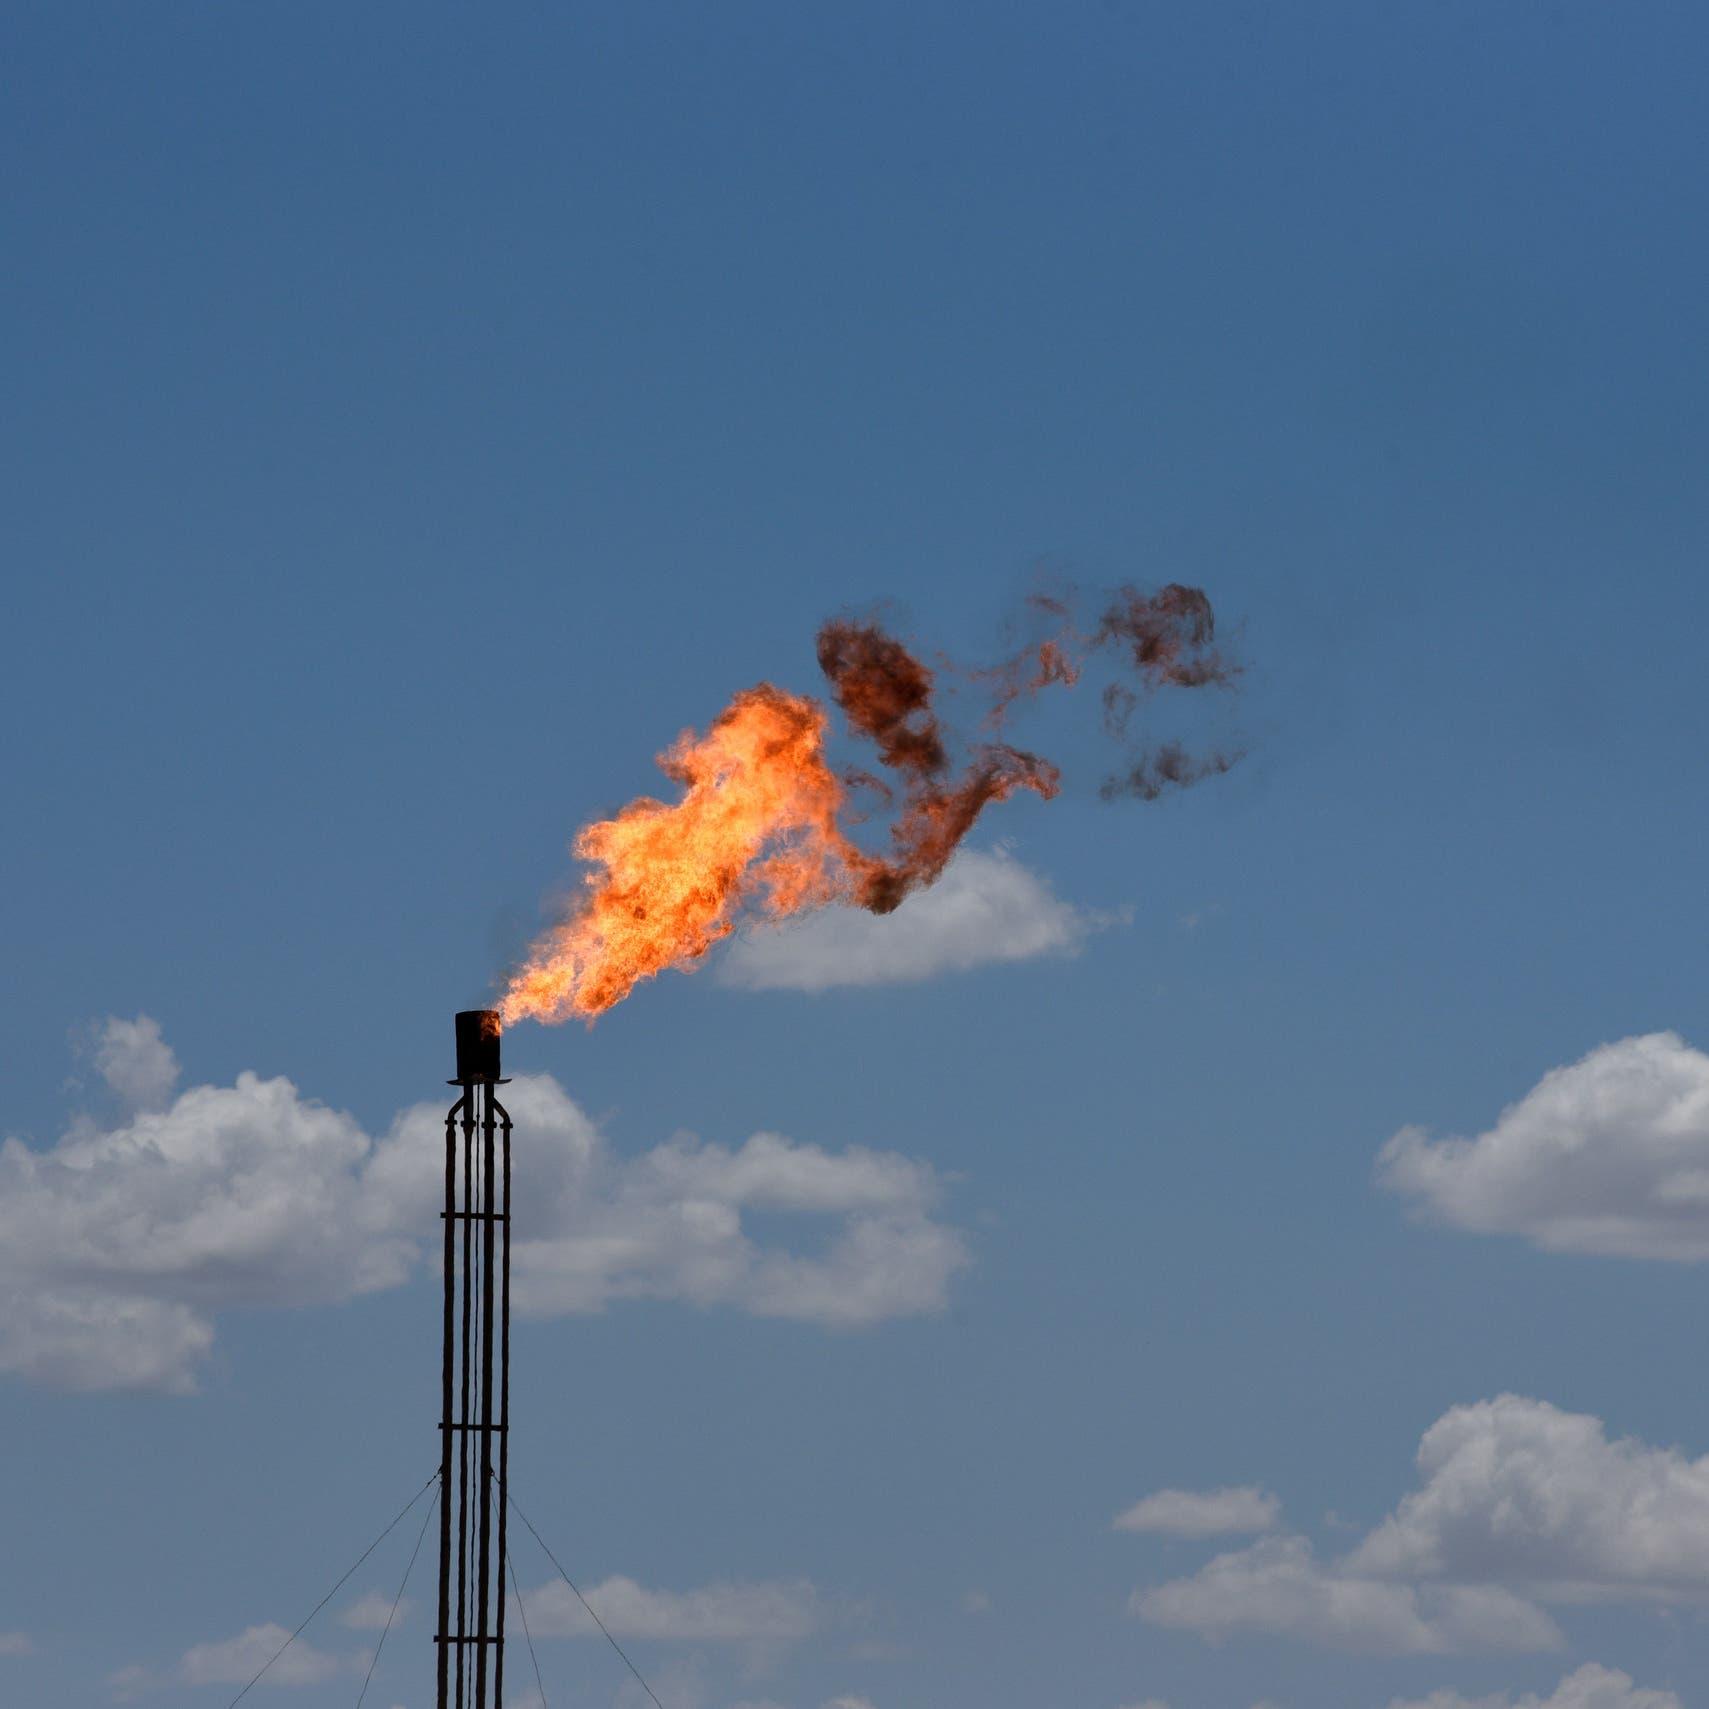 أميركا.. عقودالغازتتراجع إلى أدنى مستوى في أسبوعين وسط زيادة الإنتاج